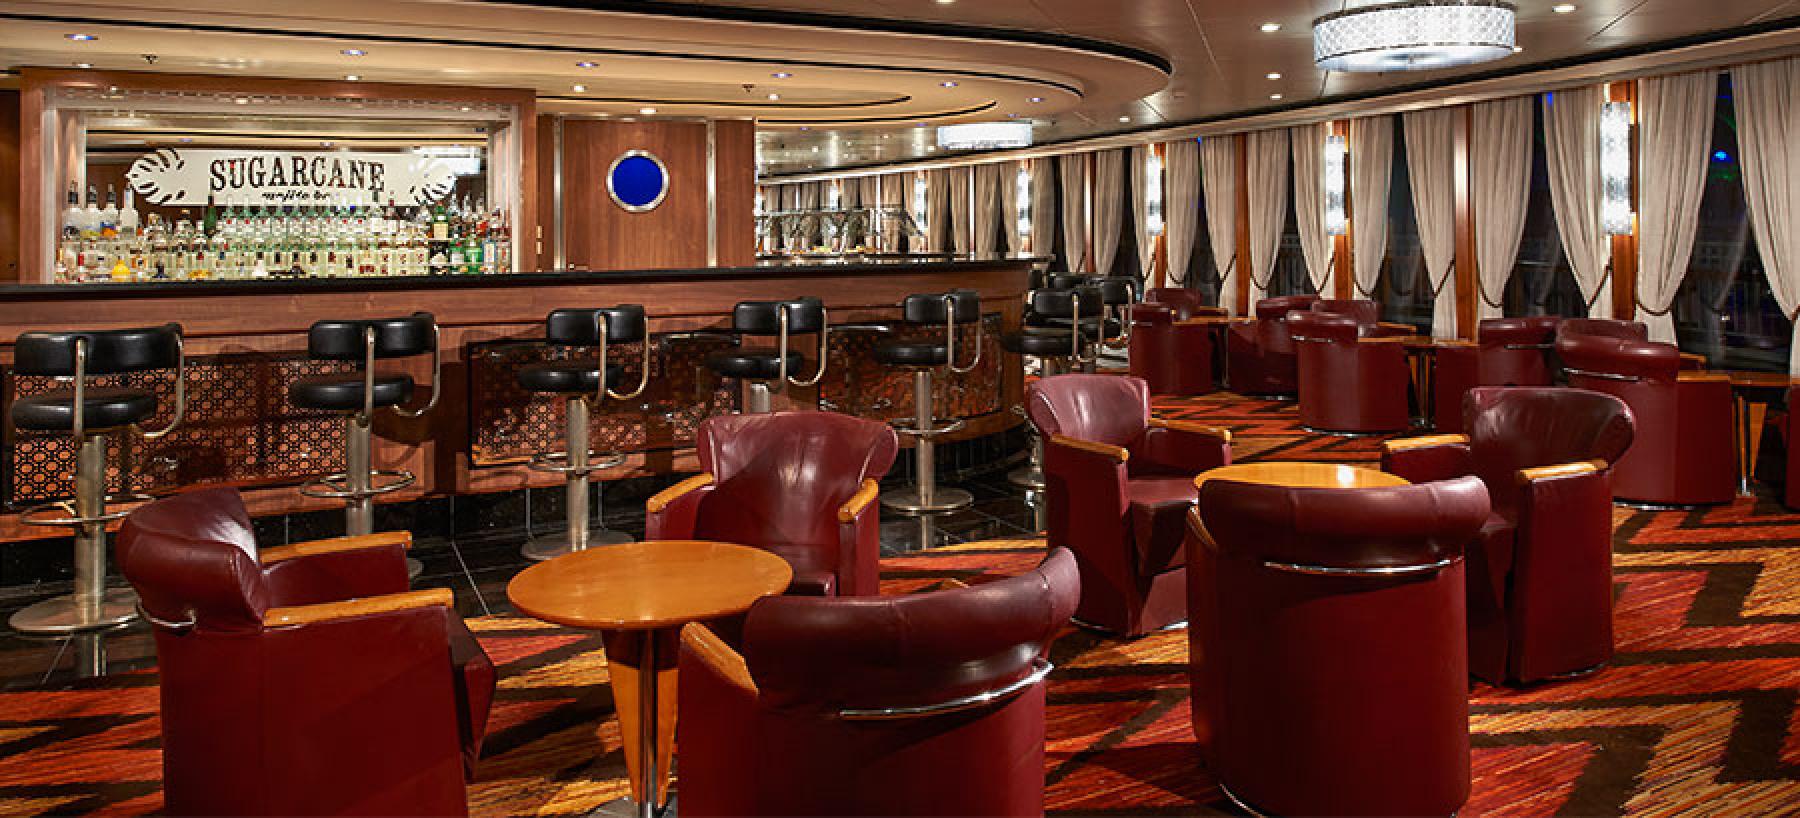 Norwegian Cruise Line Norwegian Star Sugarcane.jpg